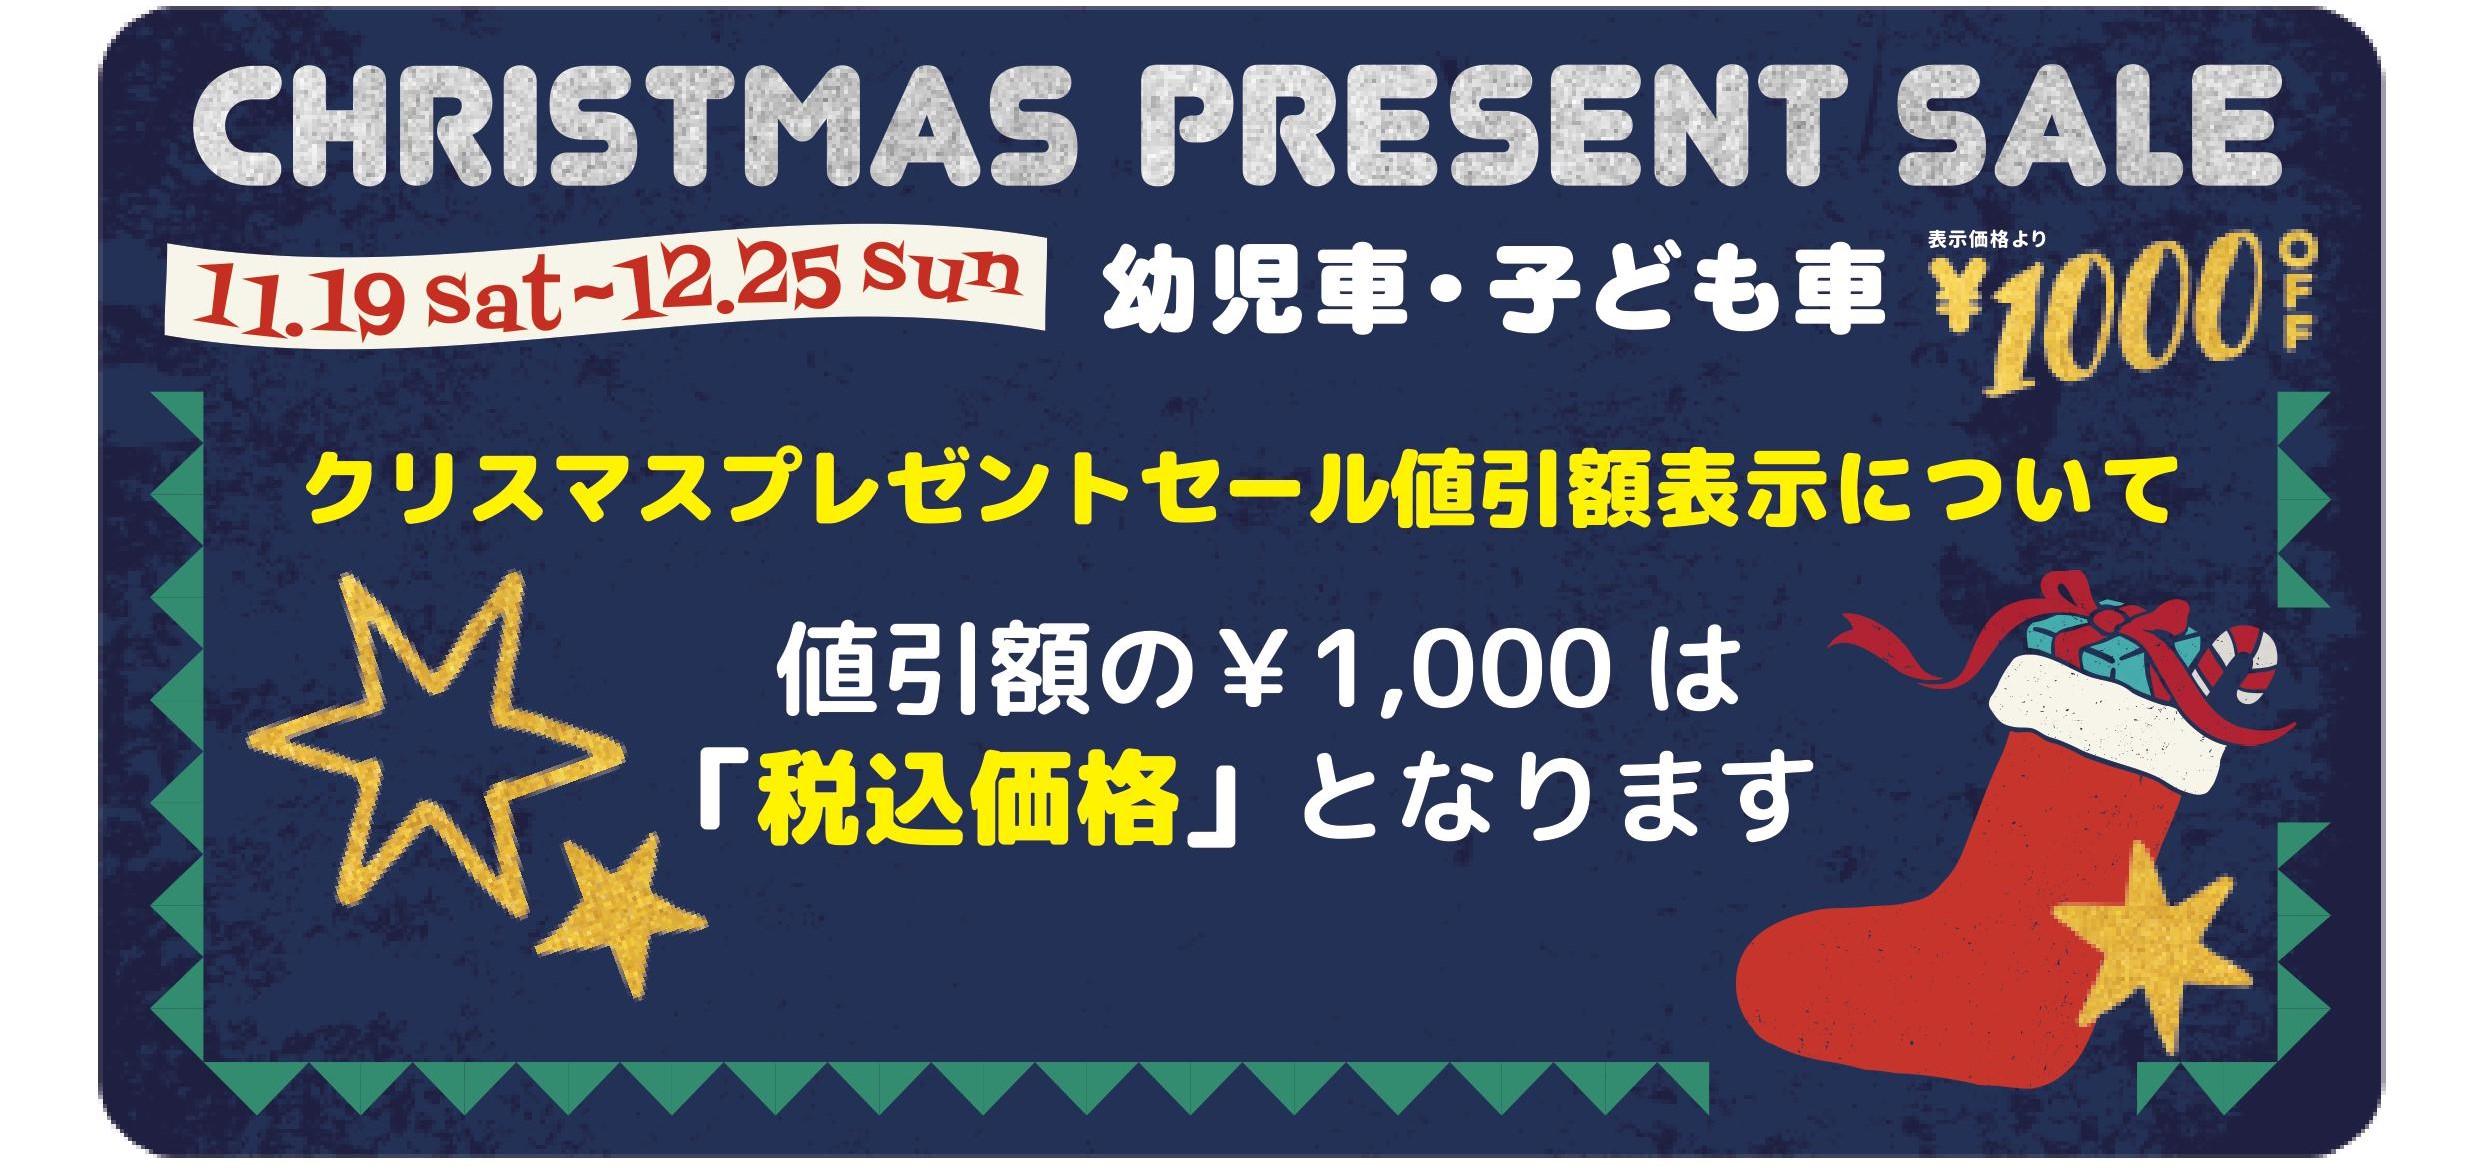 クリスマスセール1000円オフクーポン